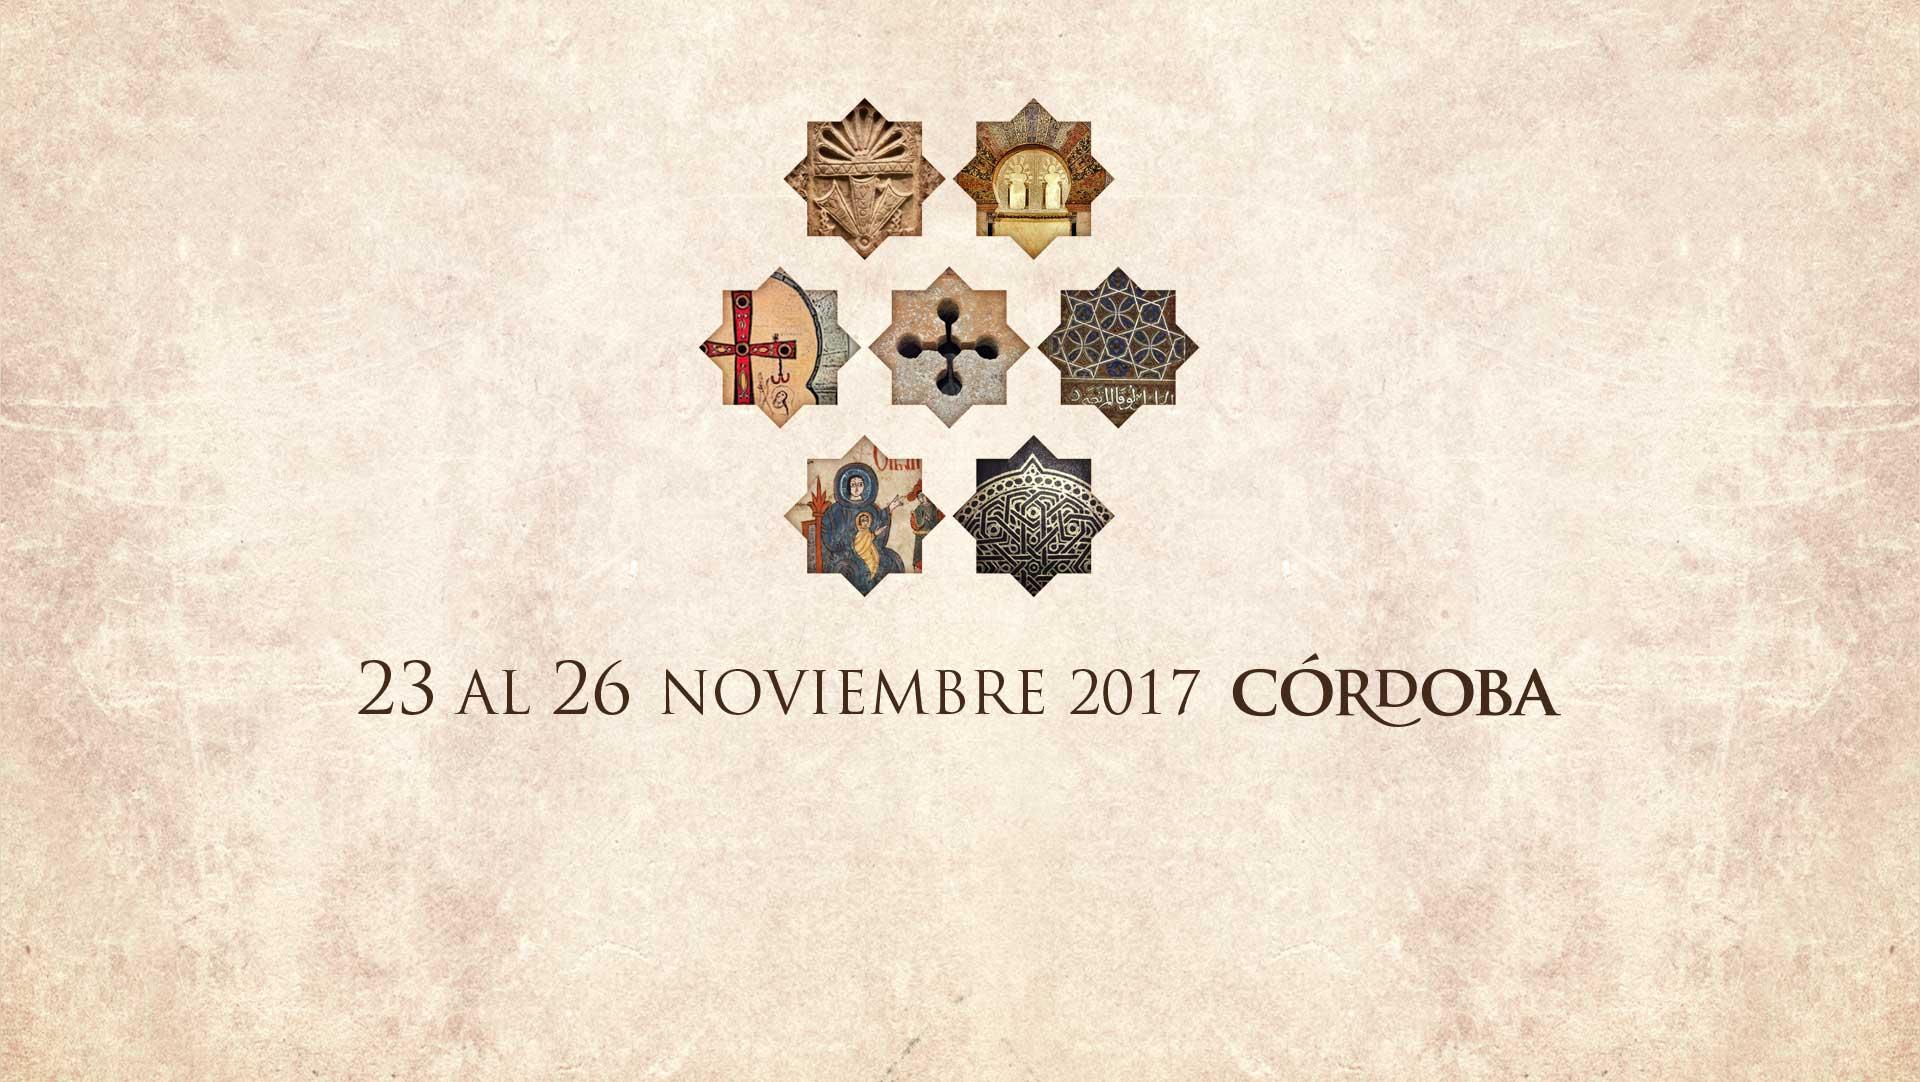 Córdoba albergará el I Congreso Internacional de Cultura Mozárabe